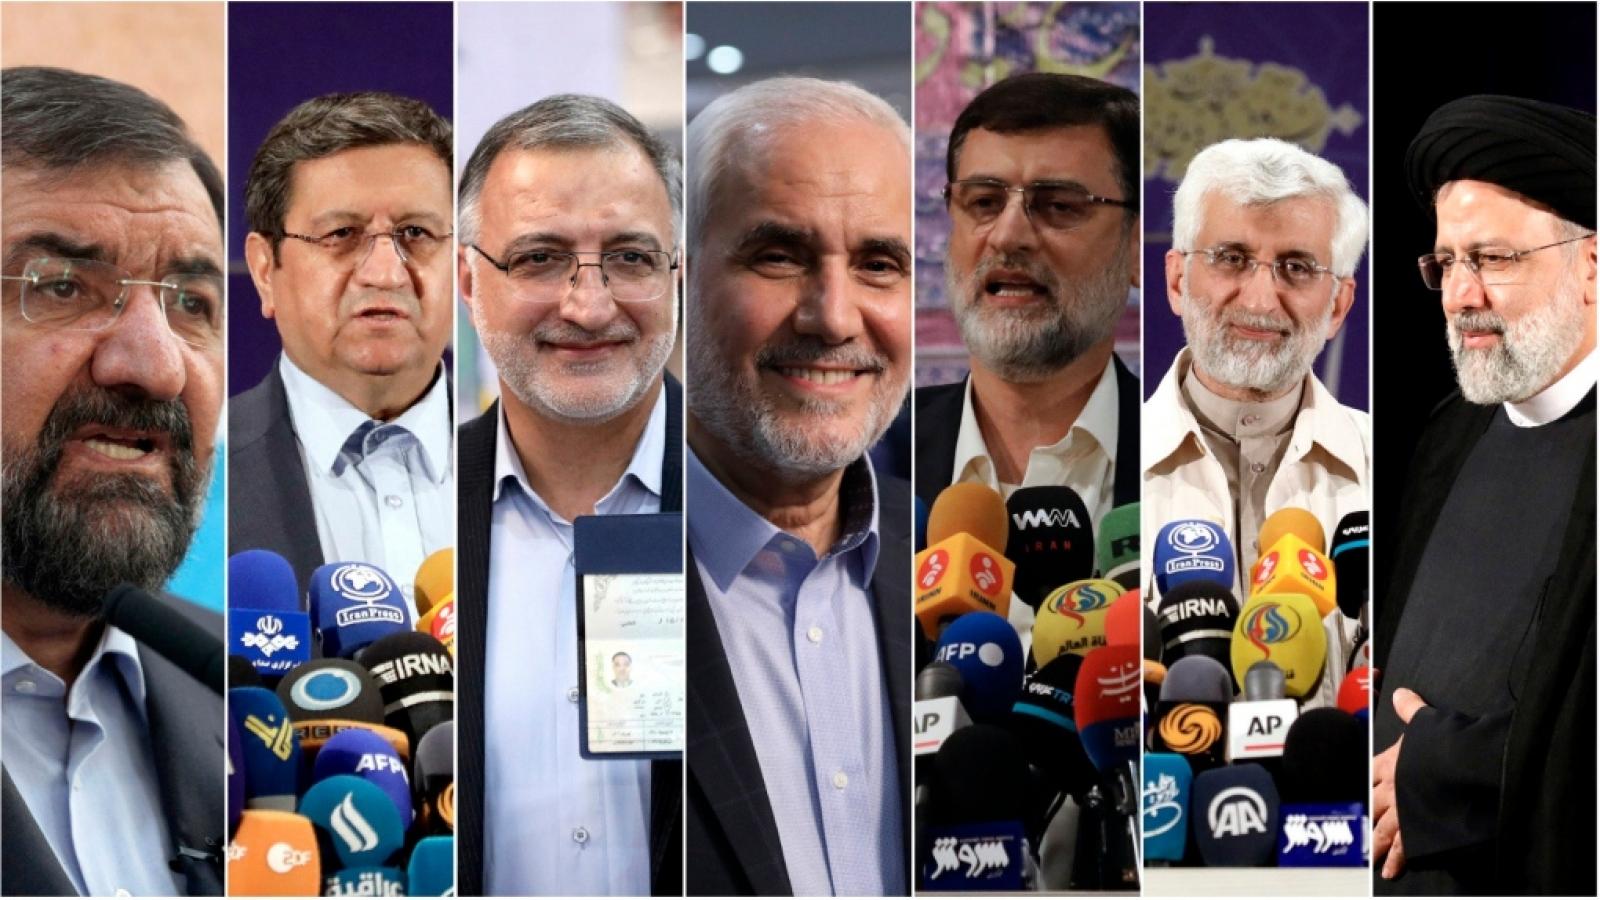 Cuộc tranh luận nảy lửa giữa các ứng cử trước thềm bầu cử Tổng thống Iran 2021